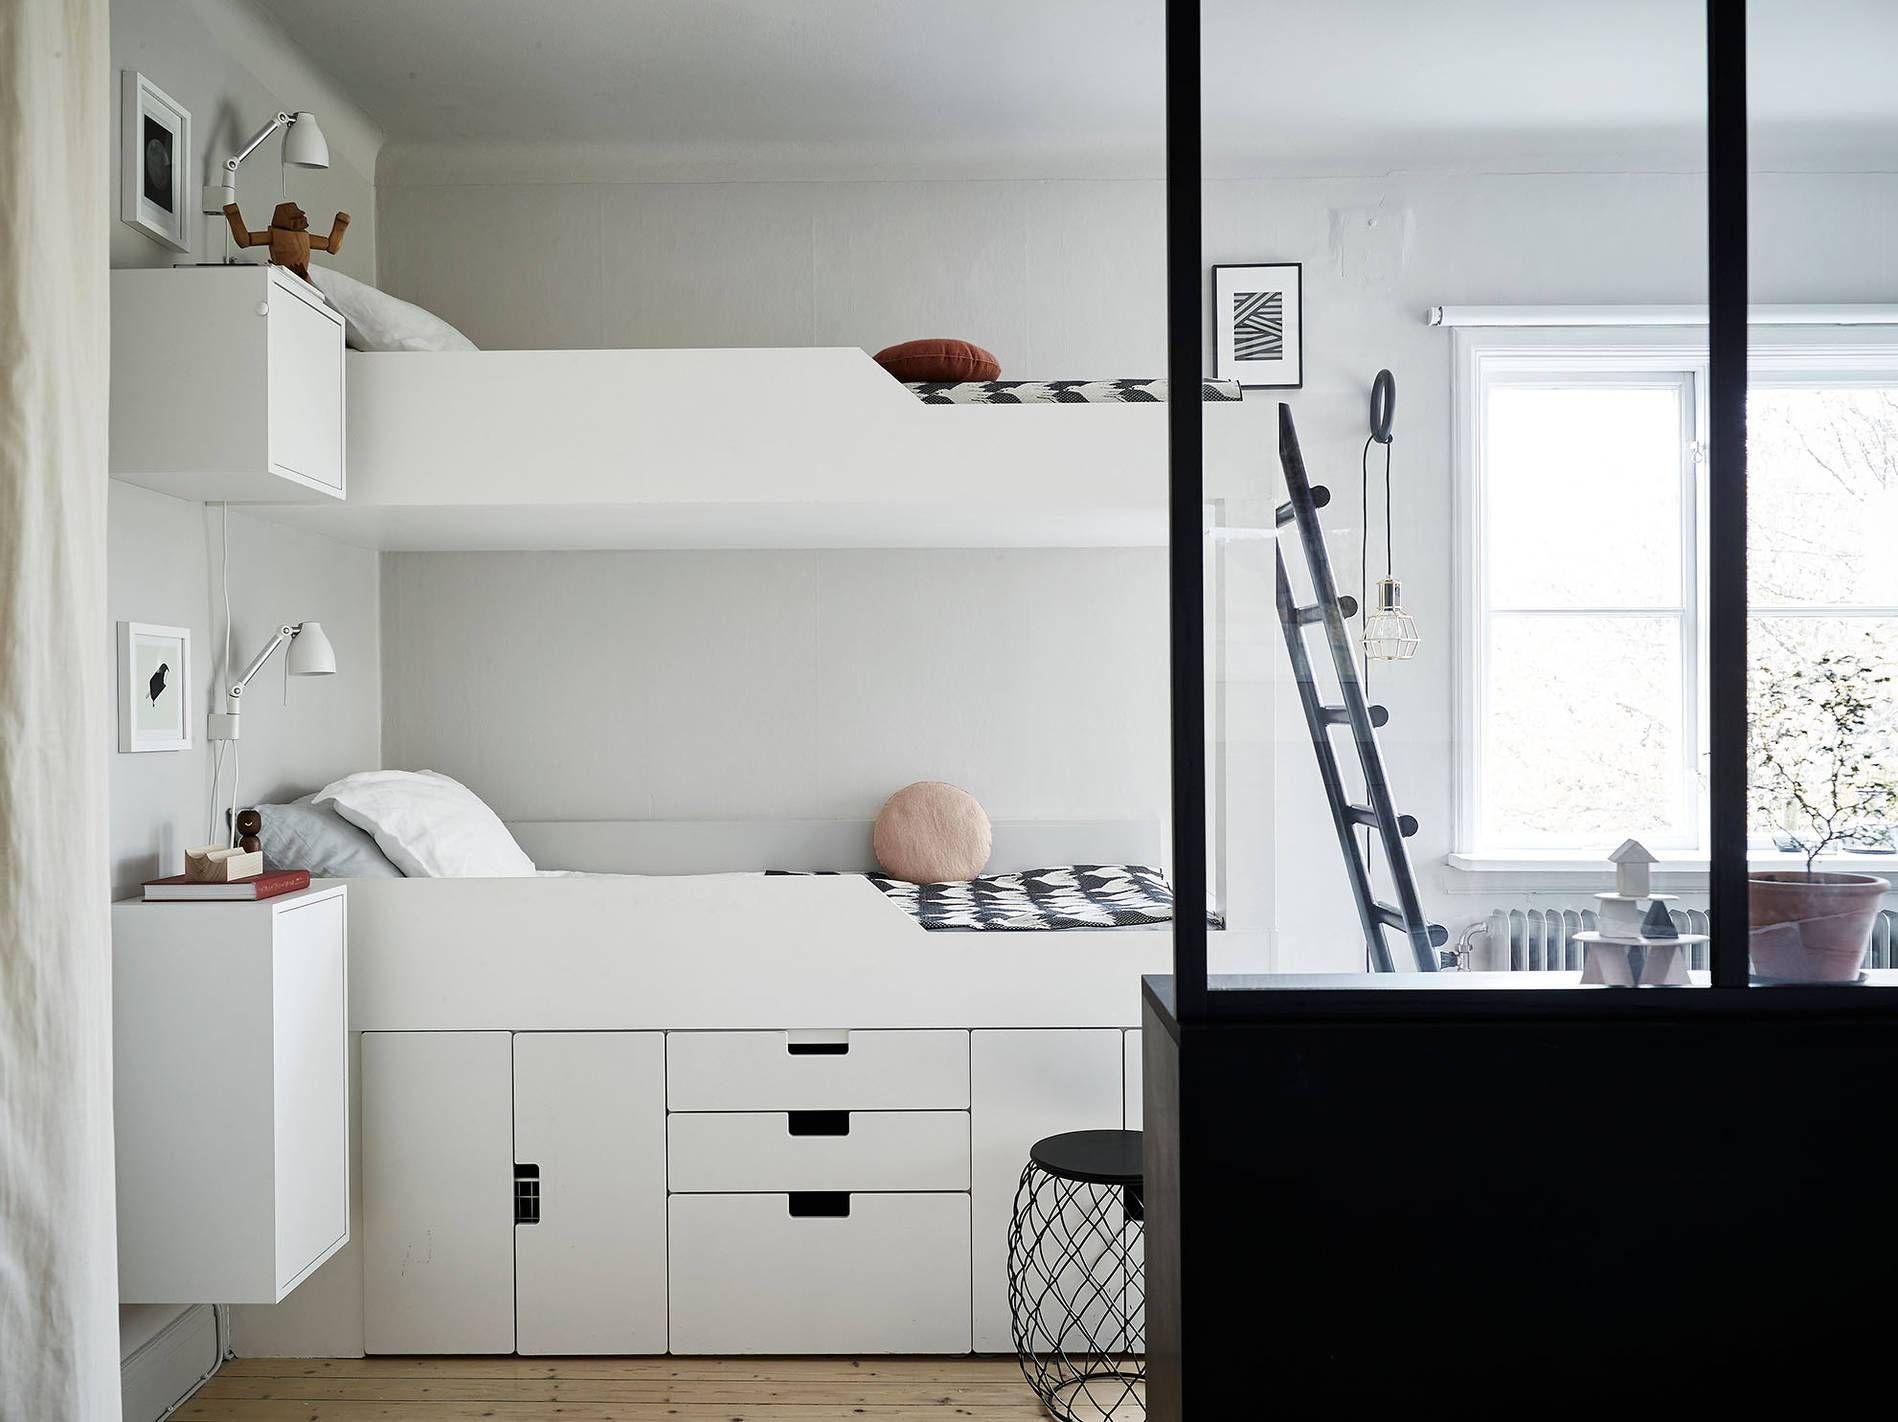 Uniek babykamer decoratie ikea deko bedroom room kids bedroom